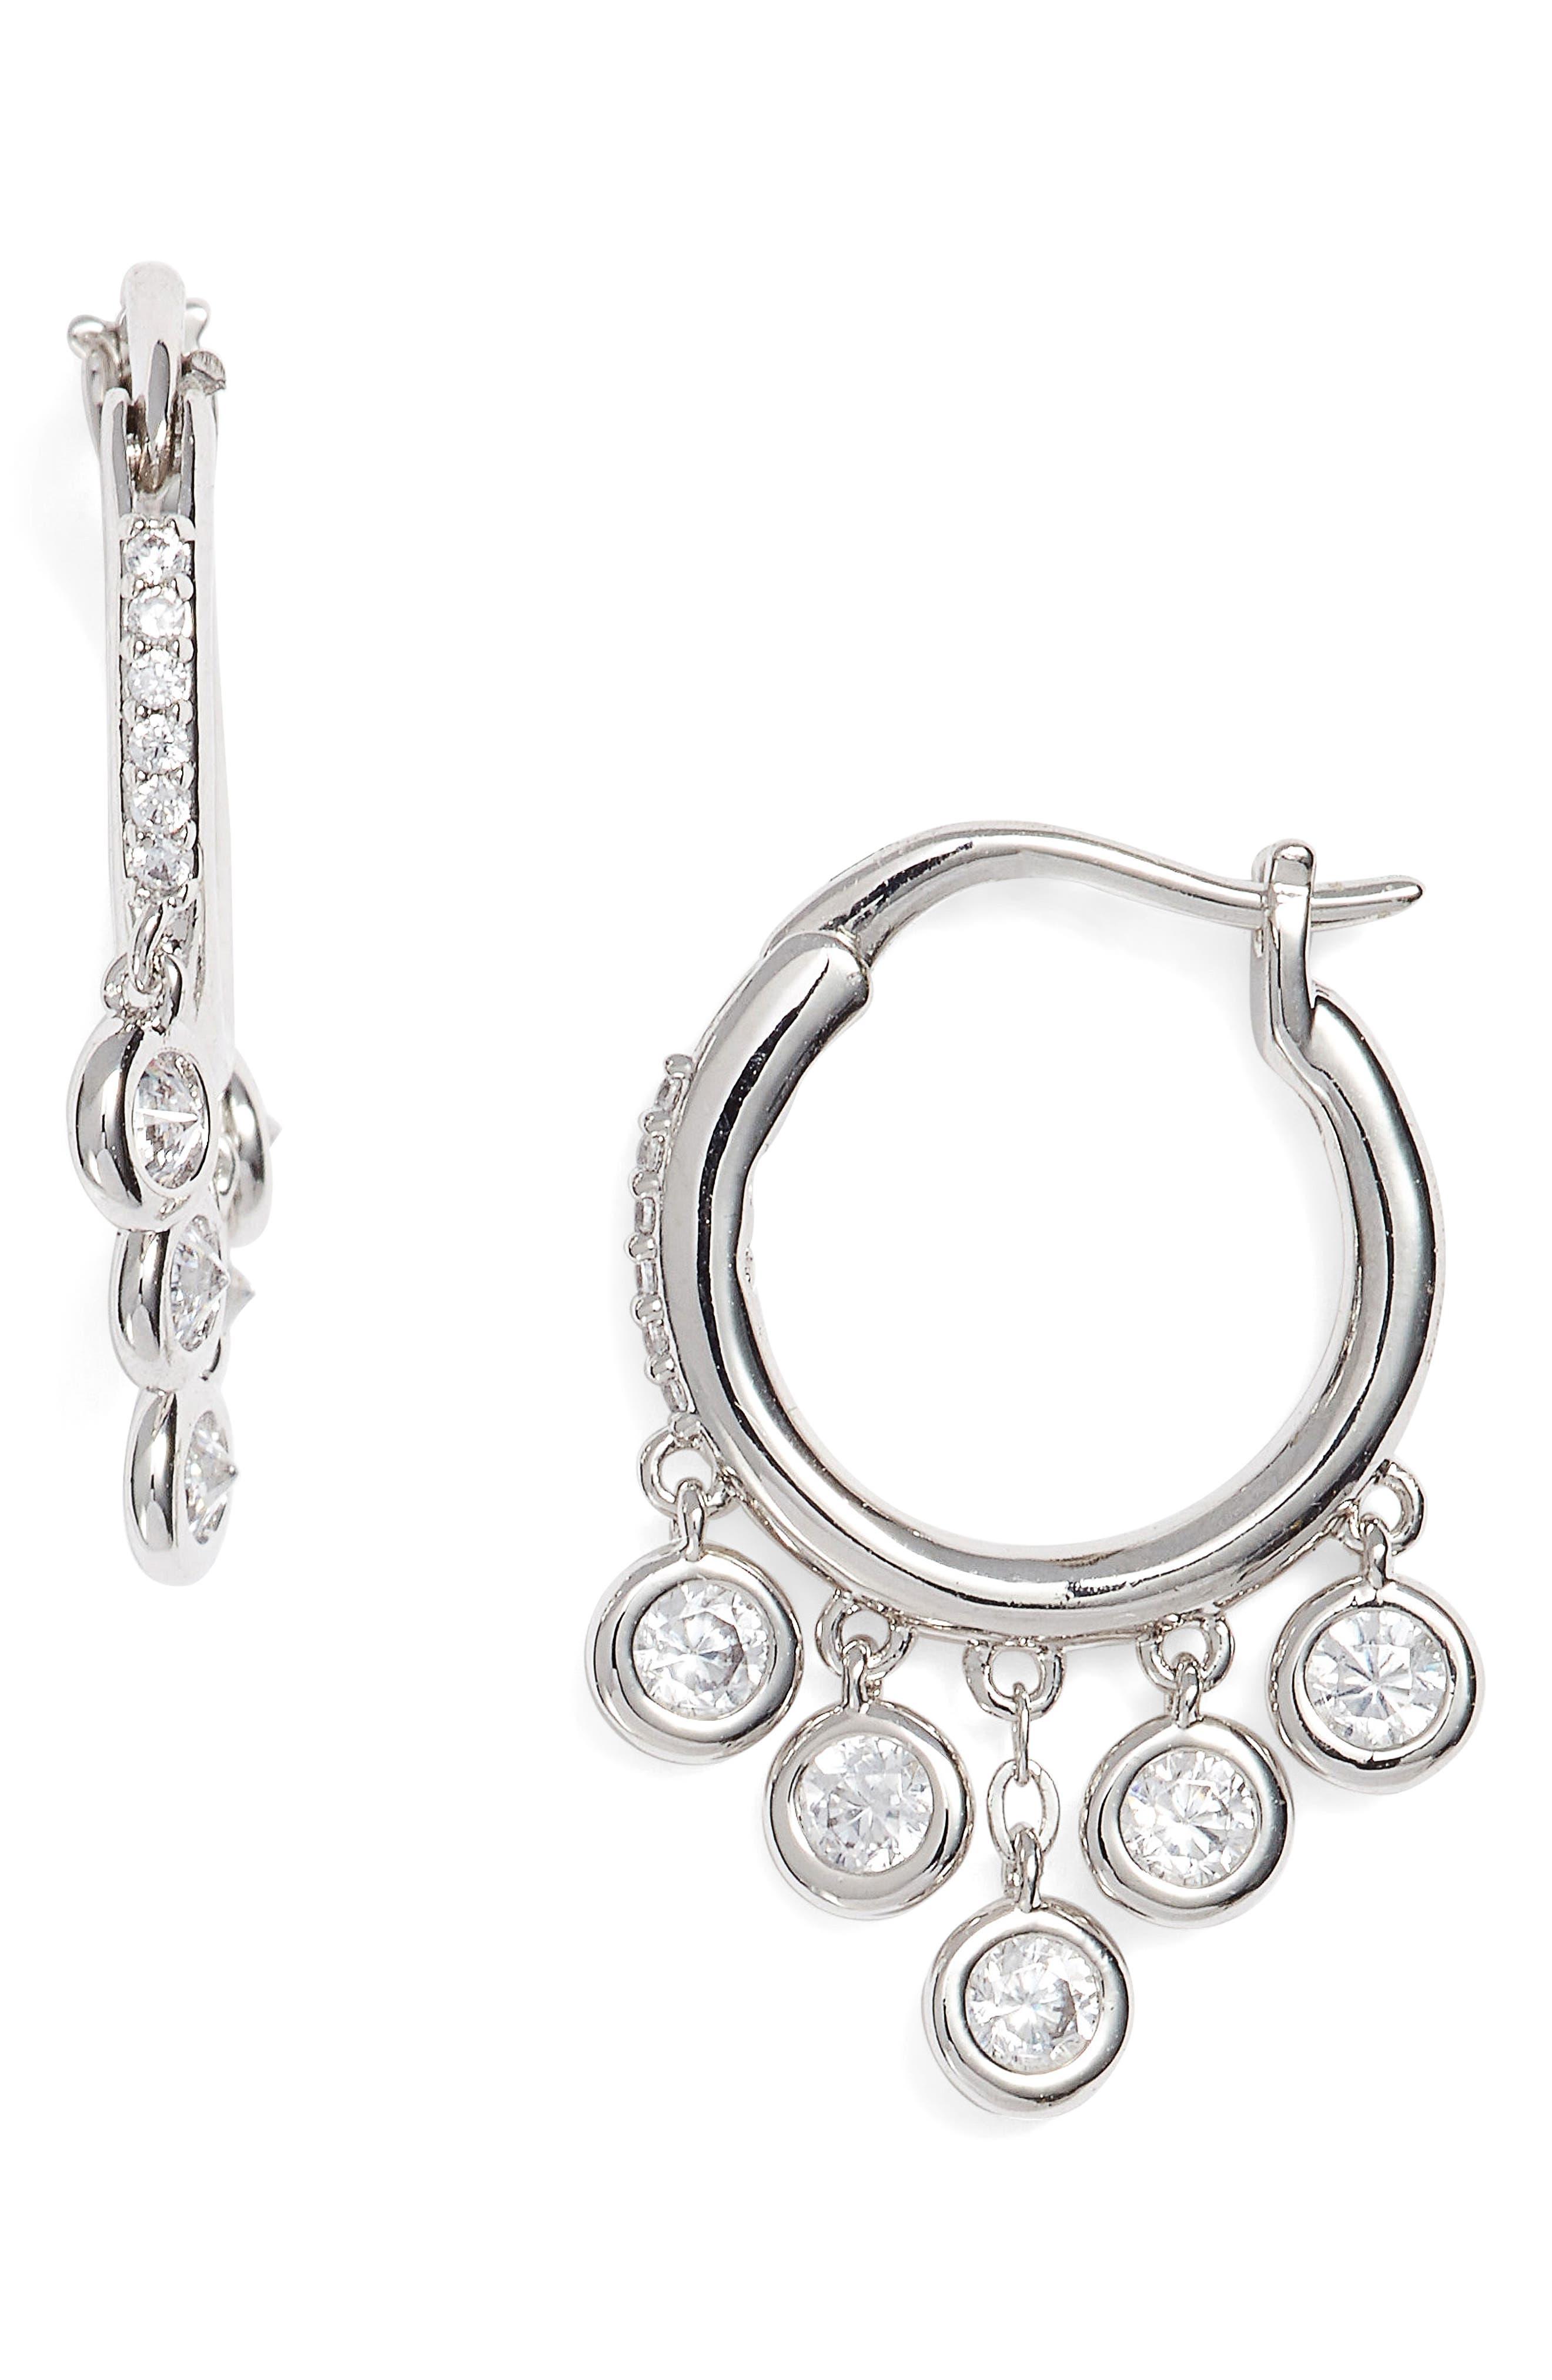 Cubic Zirconia Hoop Earrings,                         Main,                         color, Silver